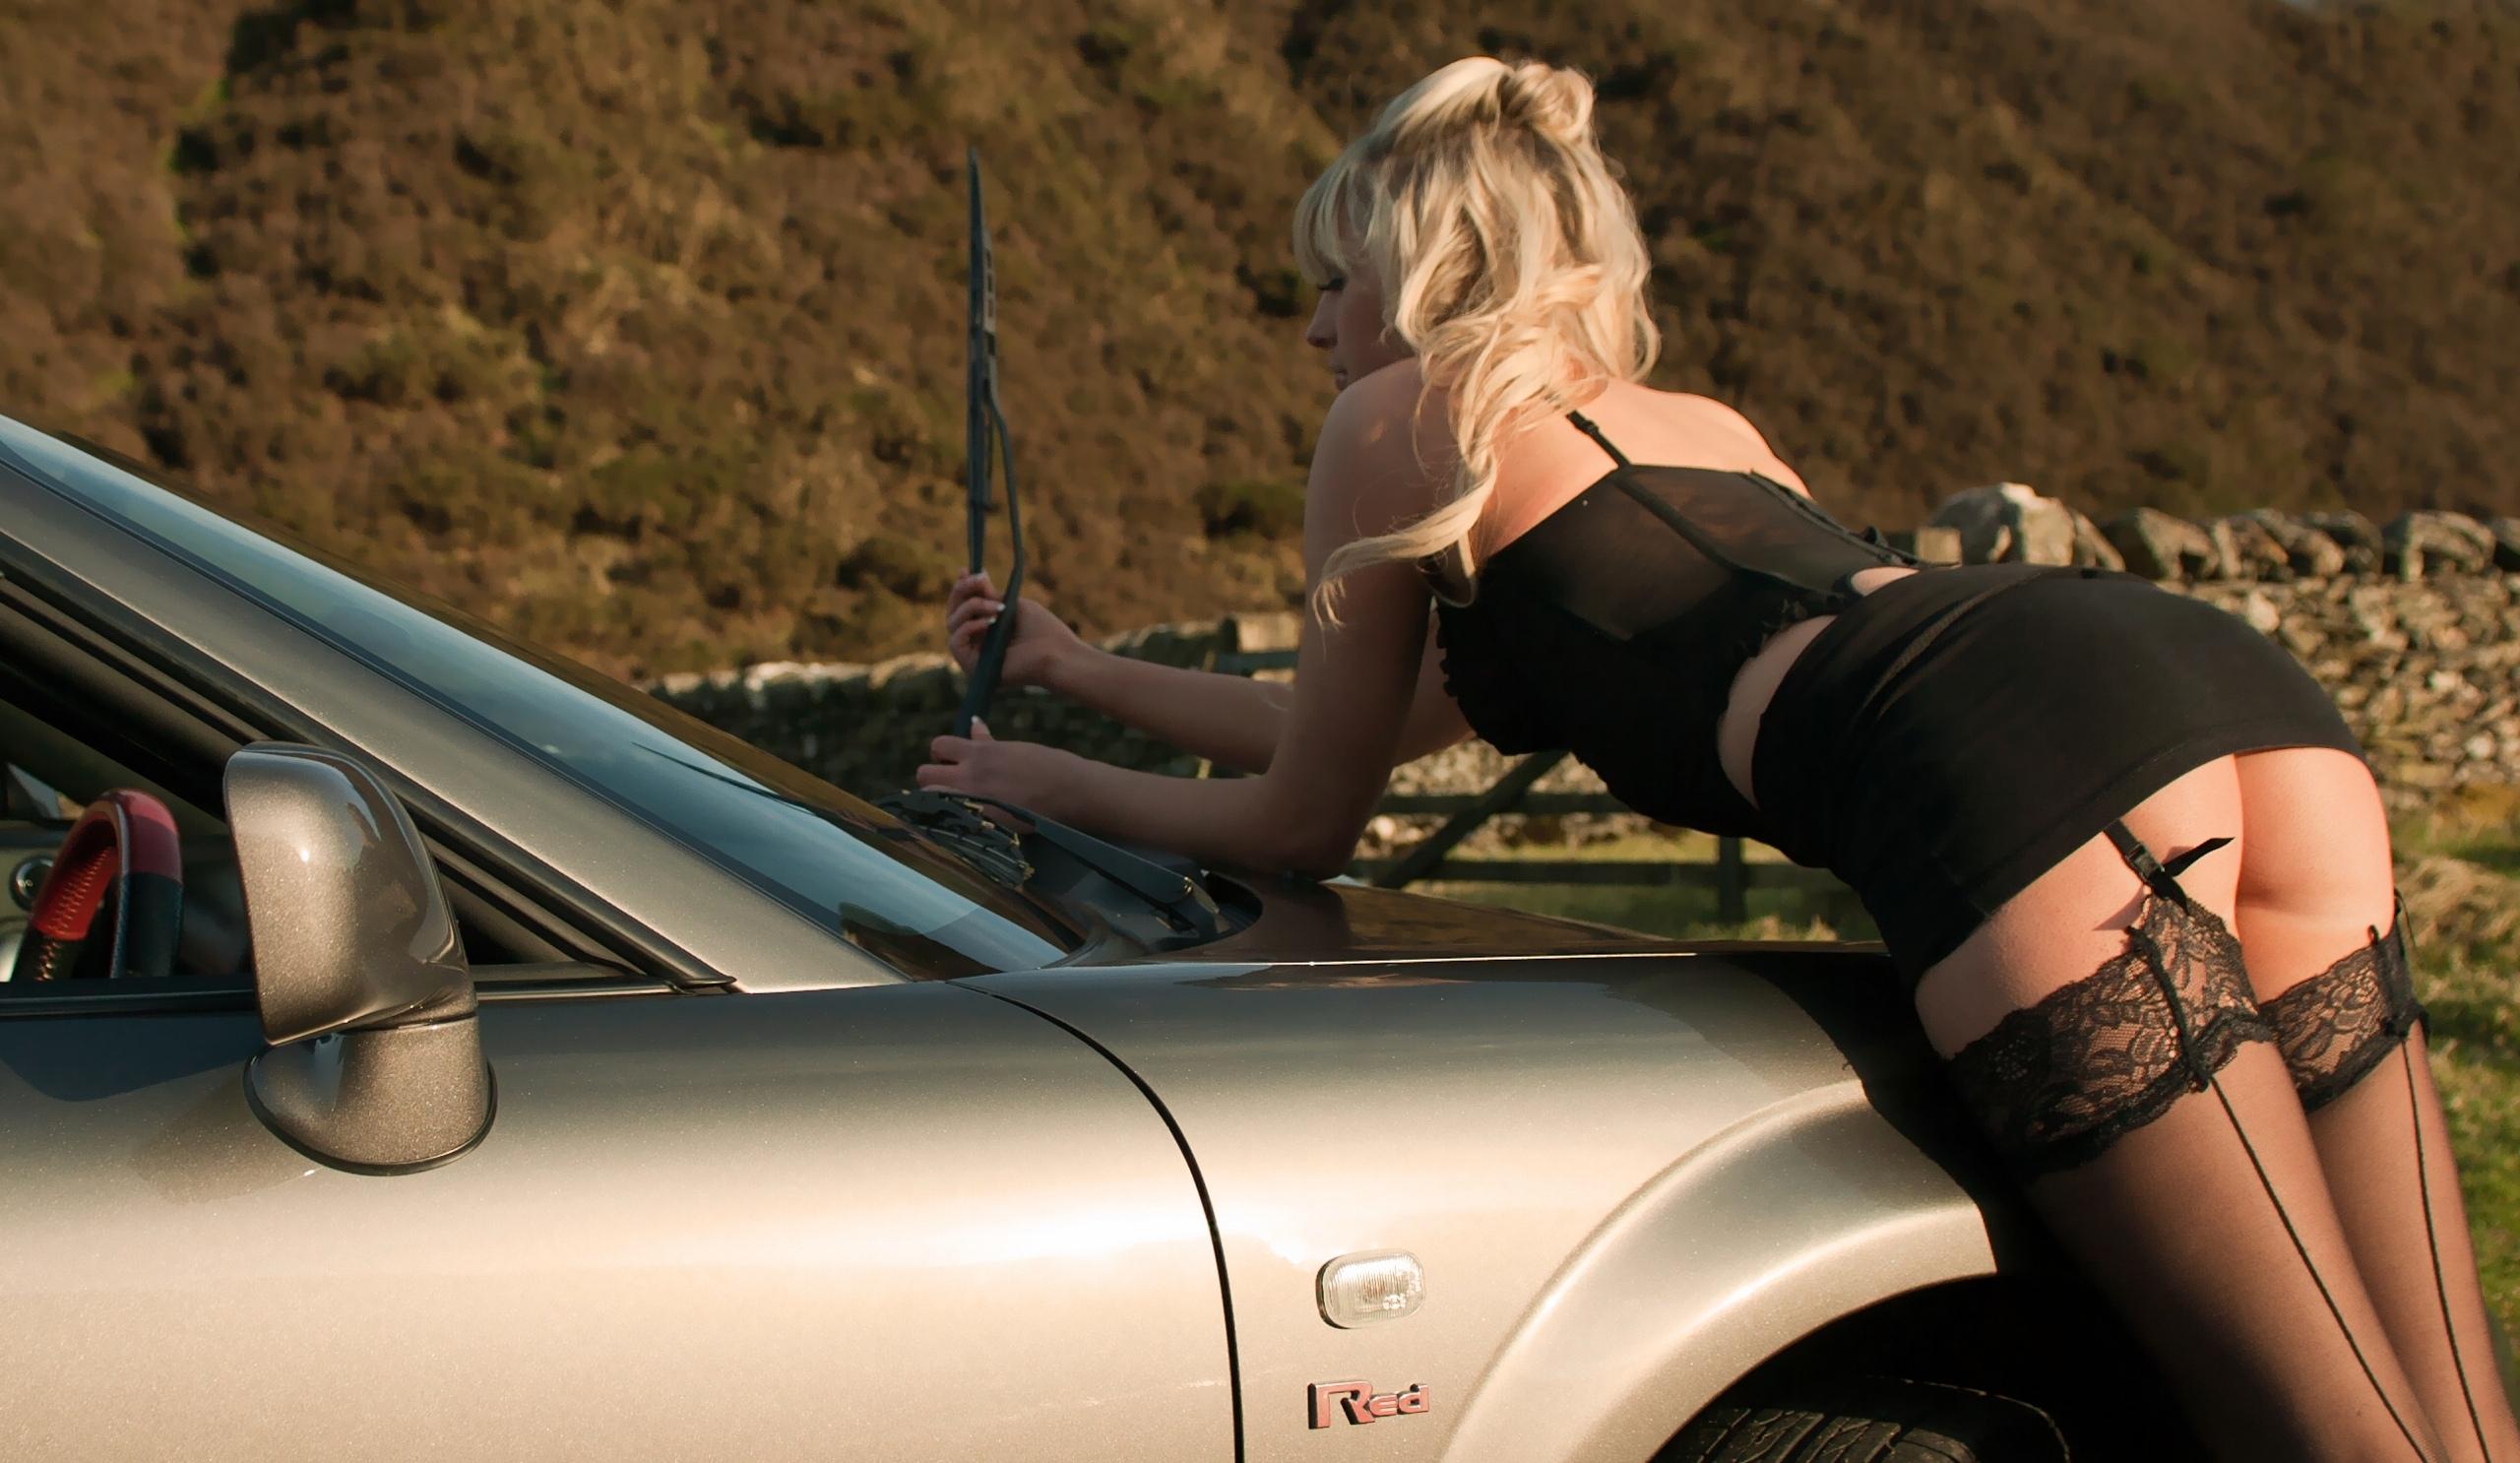 parnikovim-seks-video-avtomobili